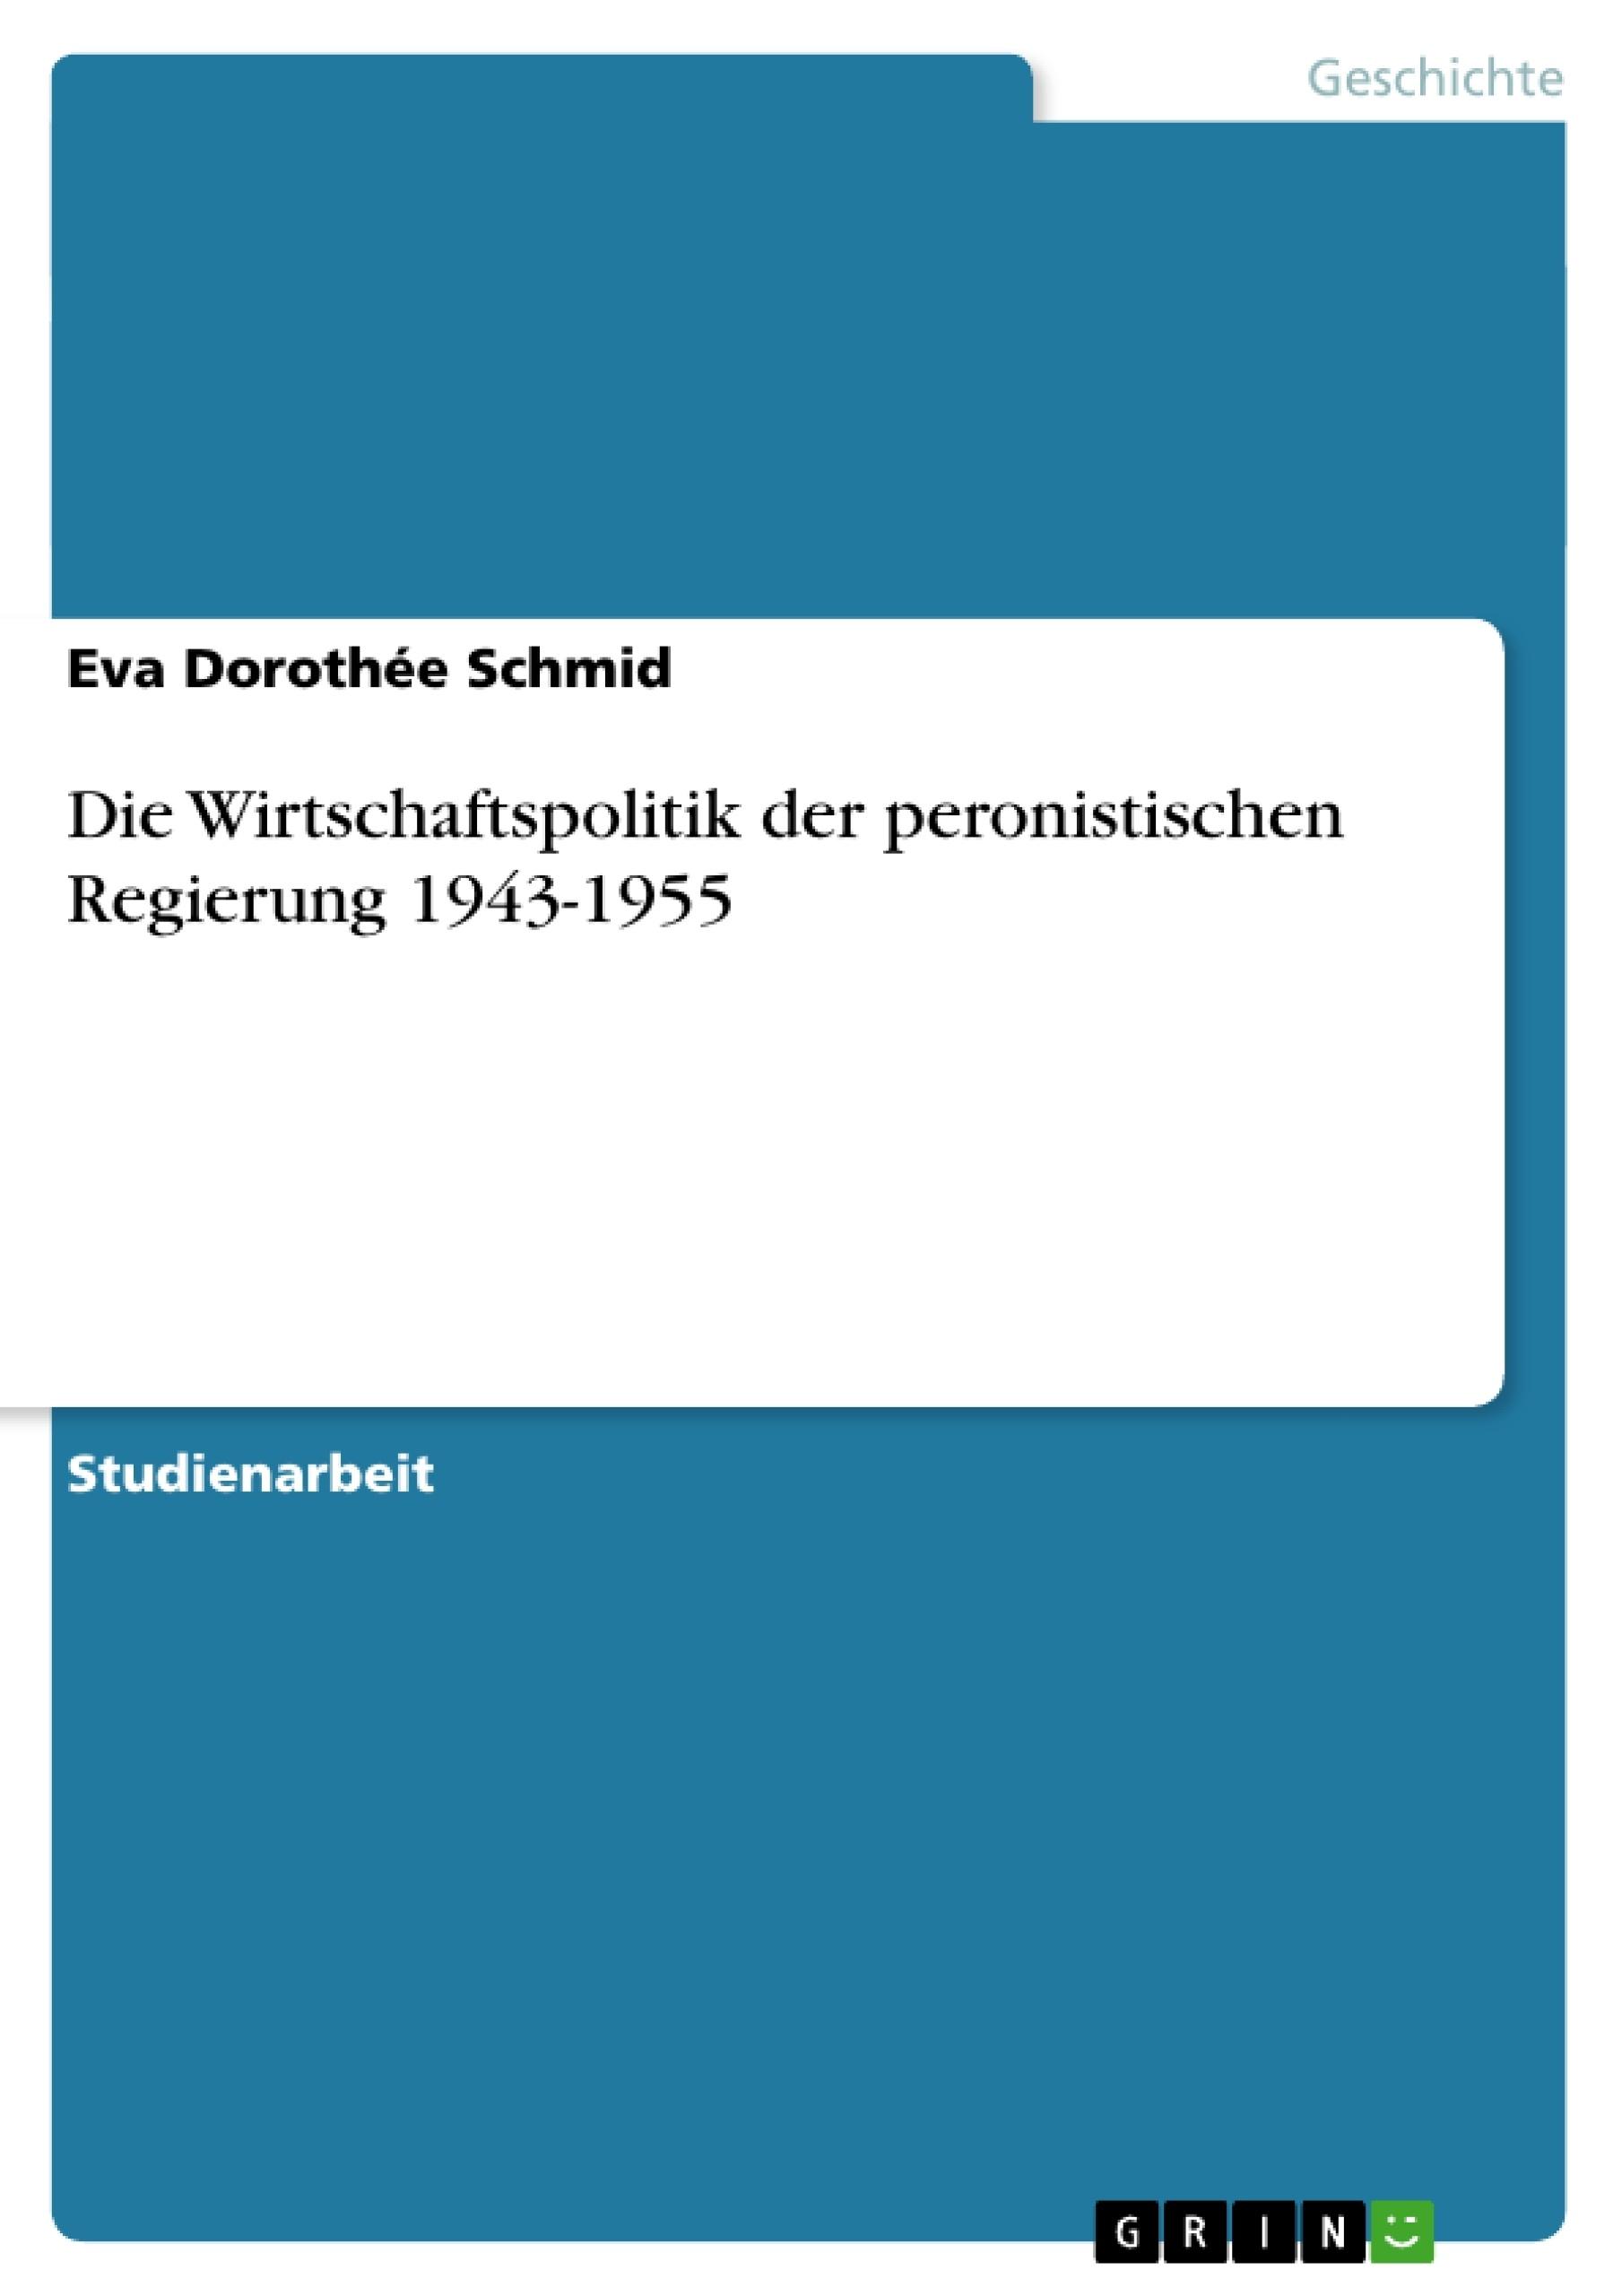 Titel: Die  Wirtschaftspolitik der peronistischen Regierung 1943-1955